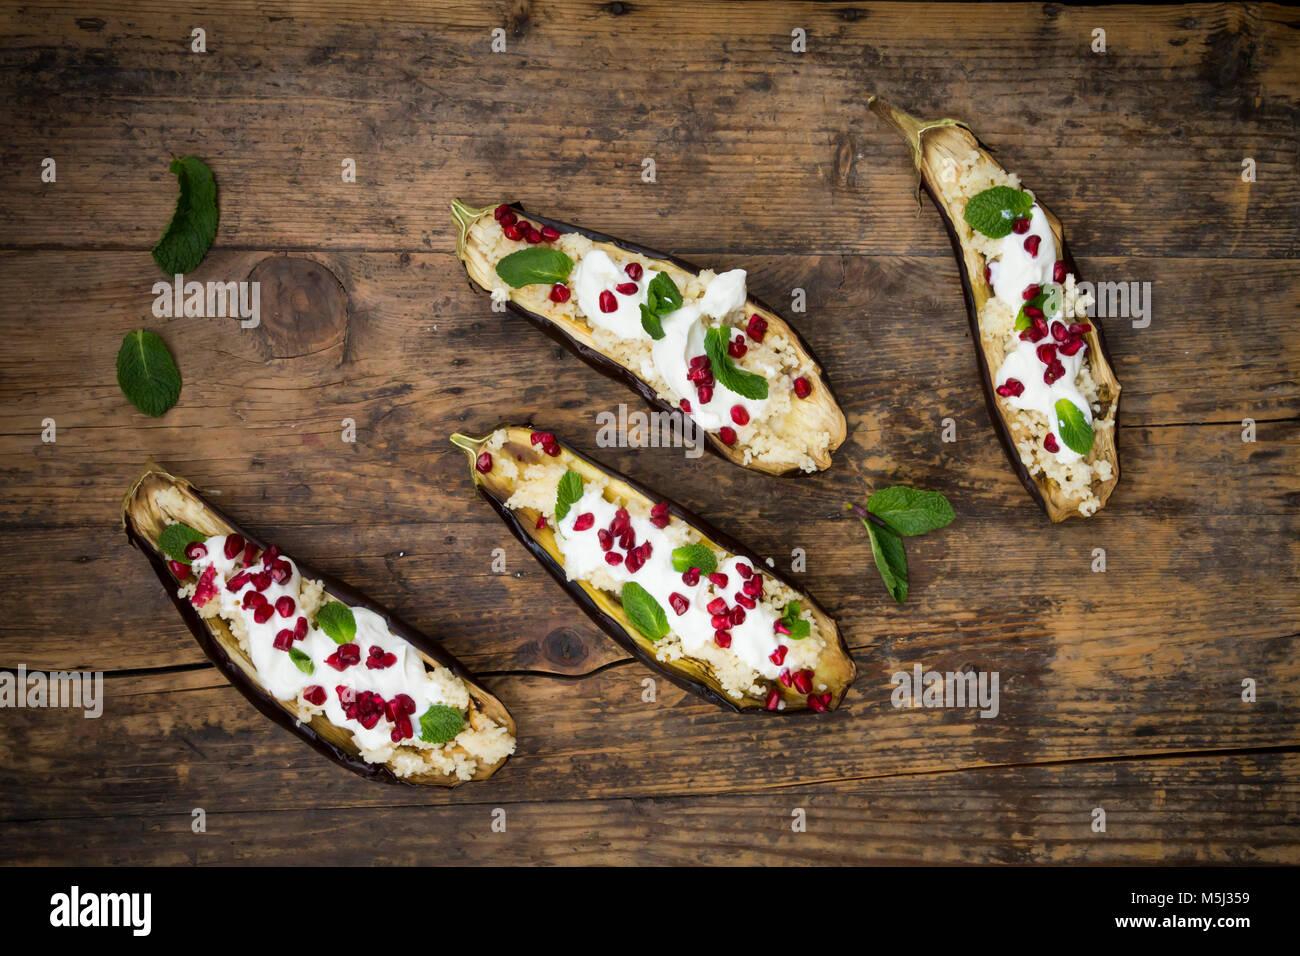 Gefüllte Aubergine, Couscous, Joghurt Sauce, Minze und Granatapfel Samen Stockbild